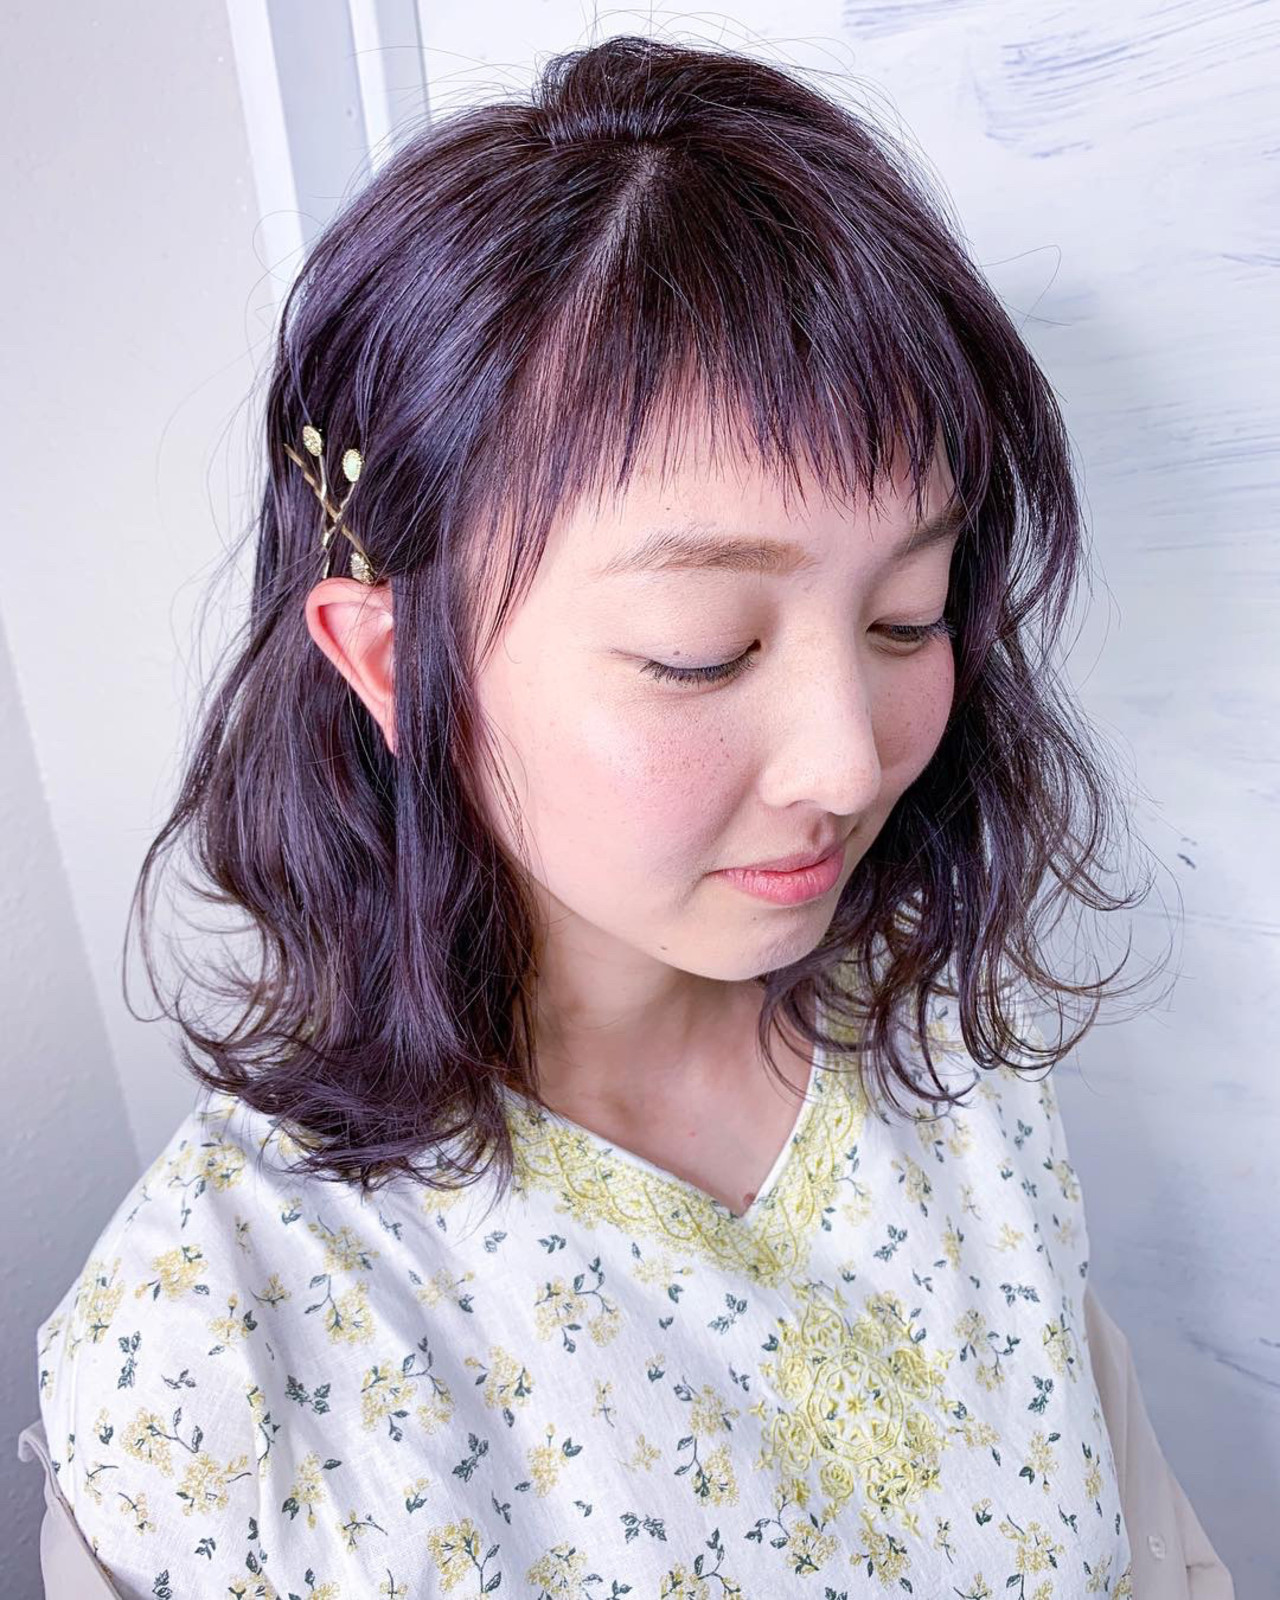 パープルアッシュ ガーリー 簡単ヘアアレンジ 前髪パッツン ヘアスタイルや髪型の写真・画像